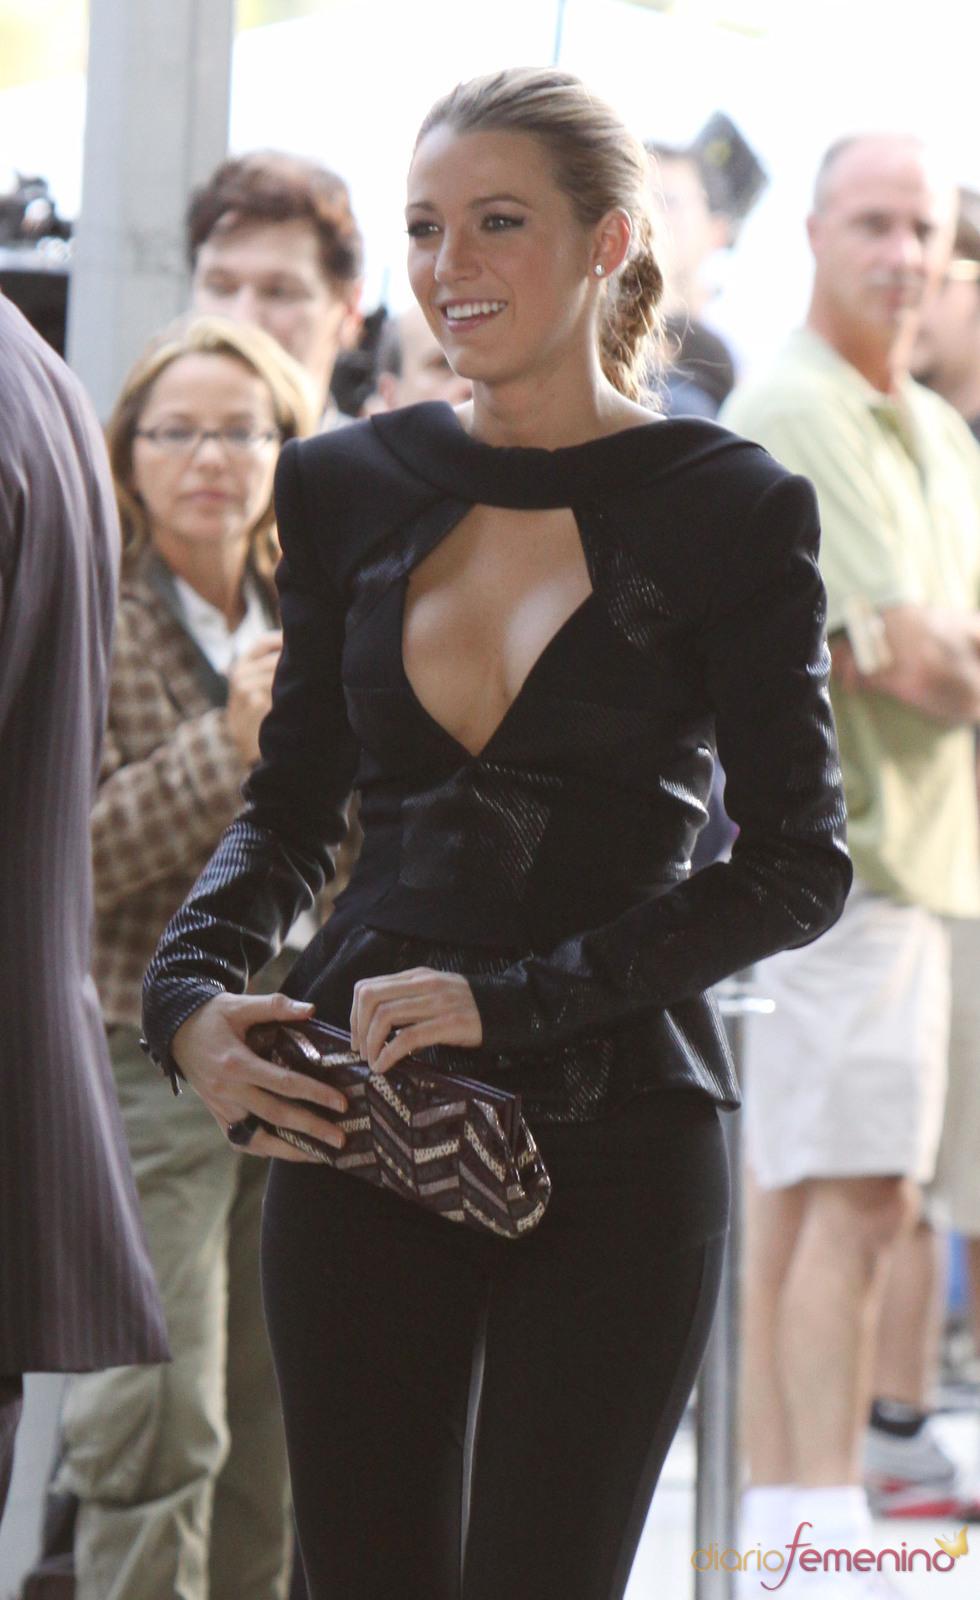 La actriz de Gossip Girl con un traje negro escotado